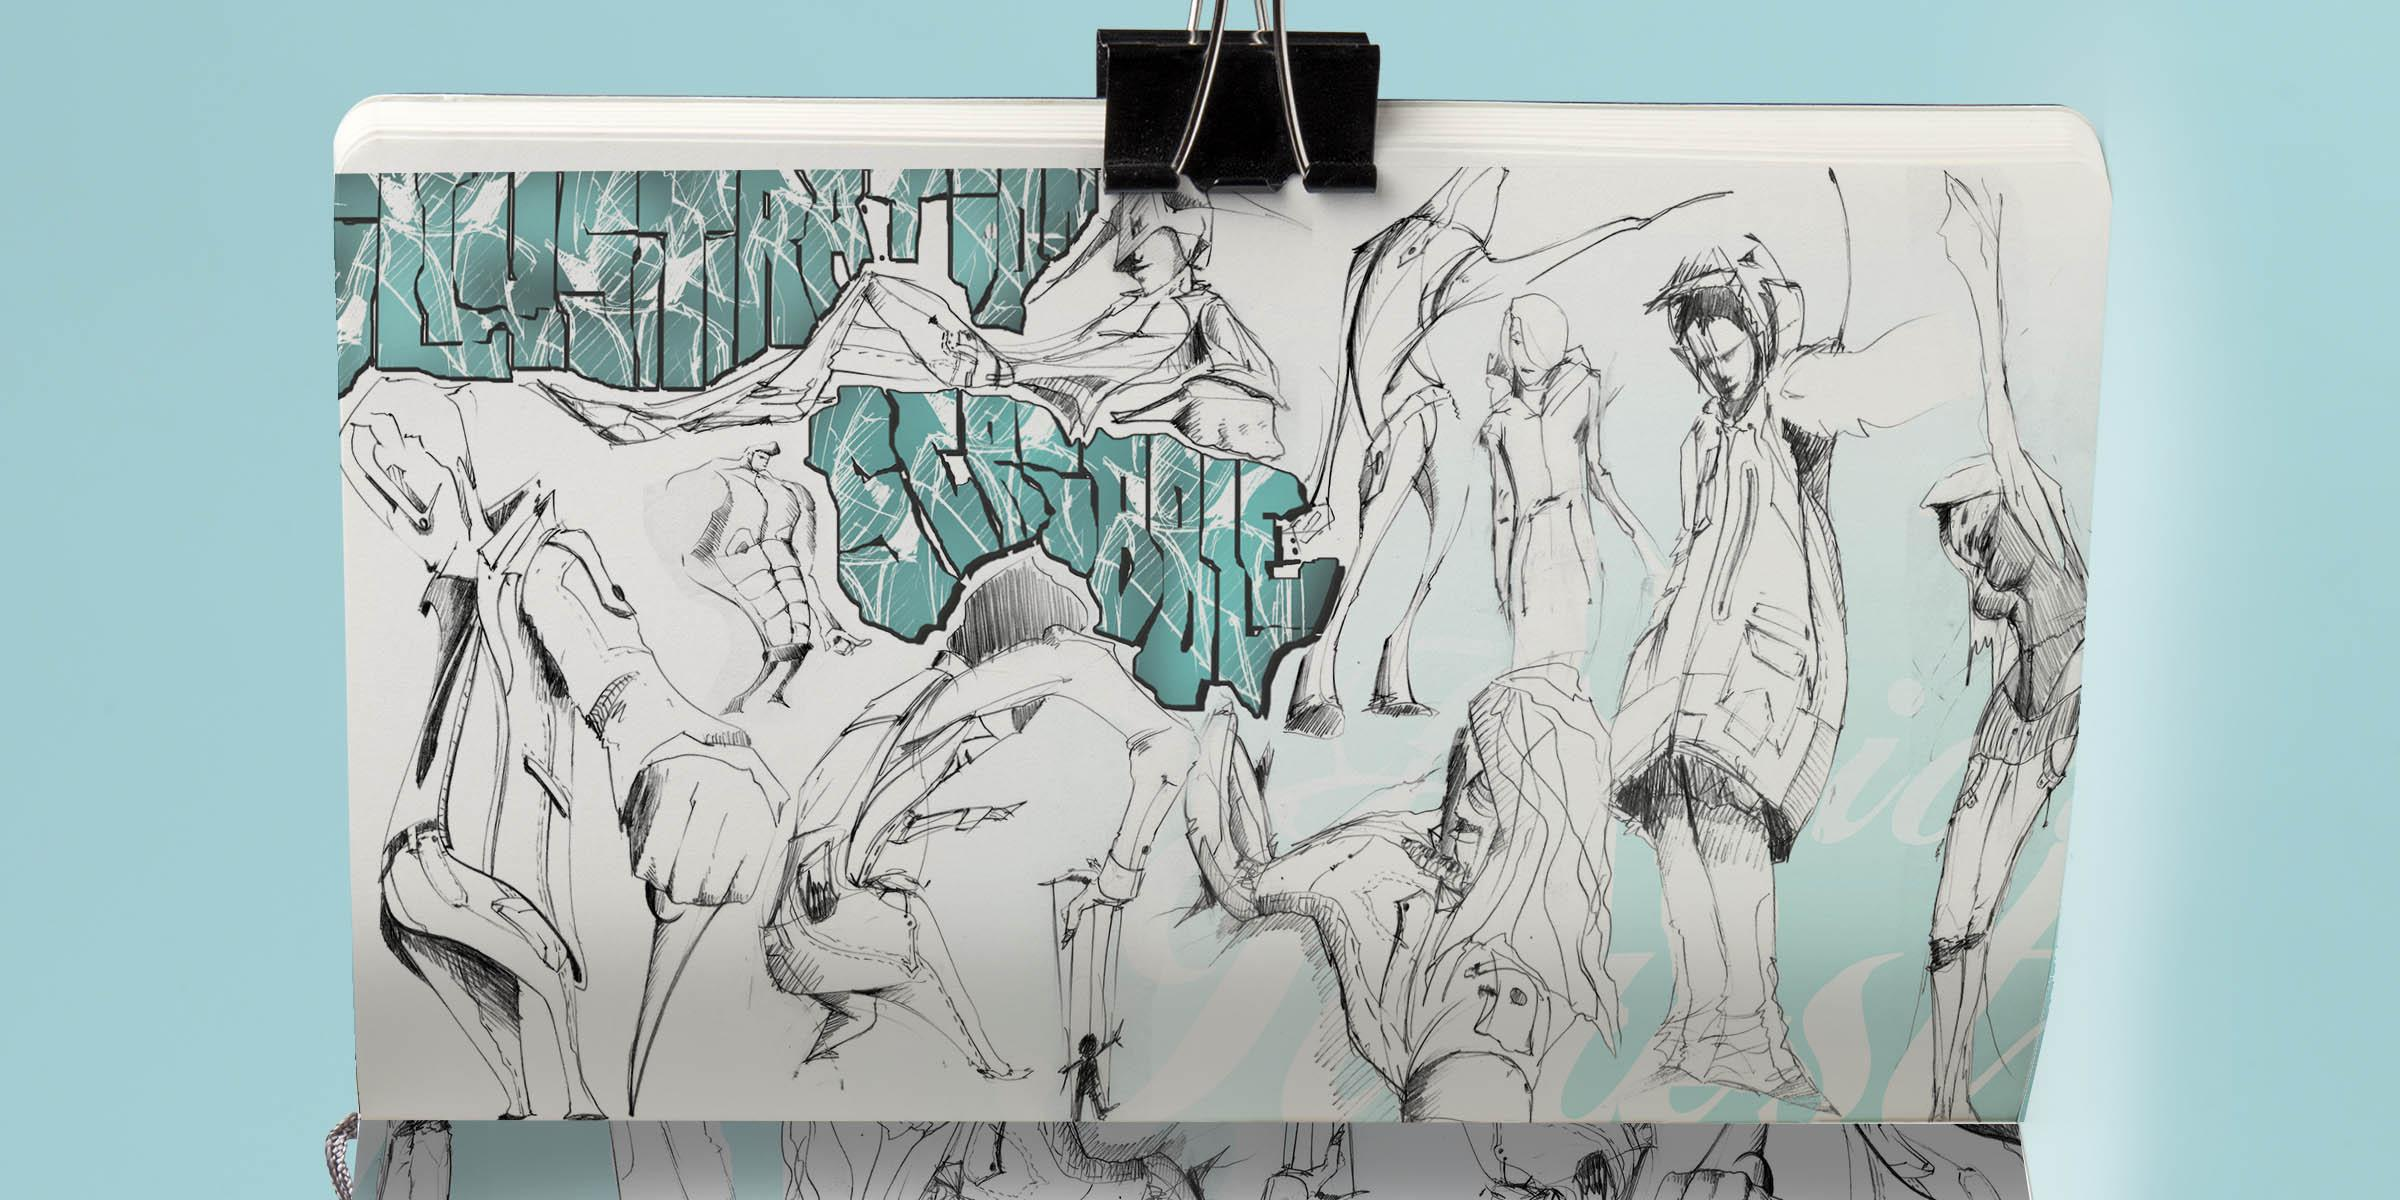 2gregor fenger art street acryl jakarta fair scribble graffiti